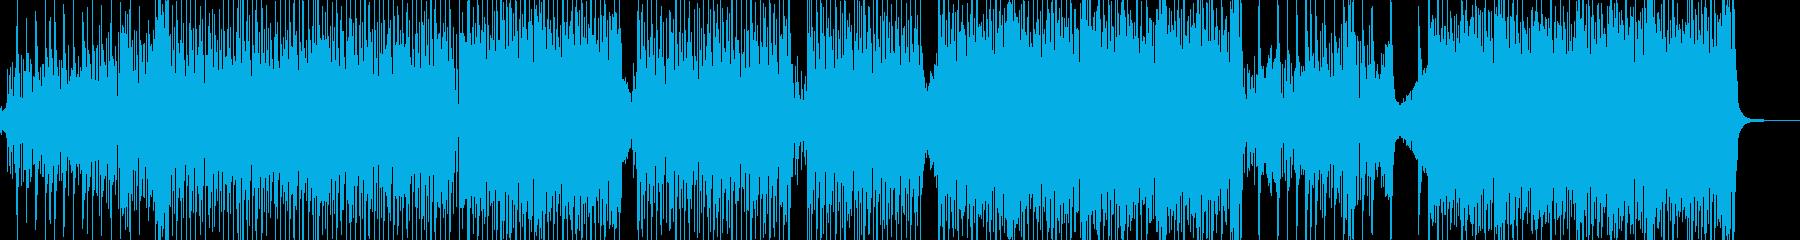 弱肉強食・原始時代イメージのテクノ Aの再生済みの波形